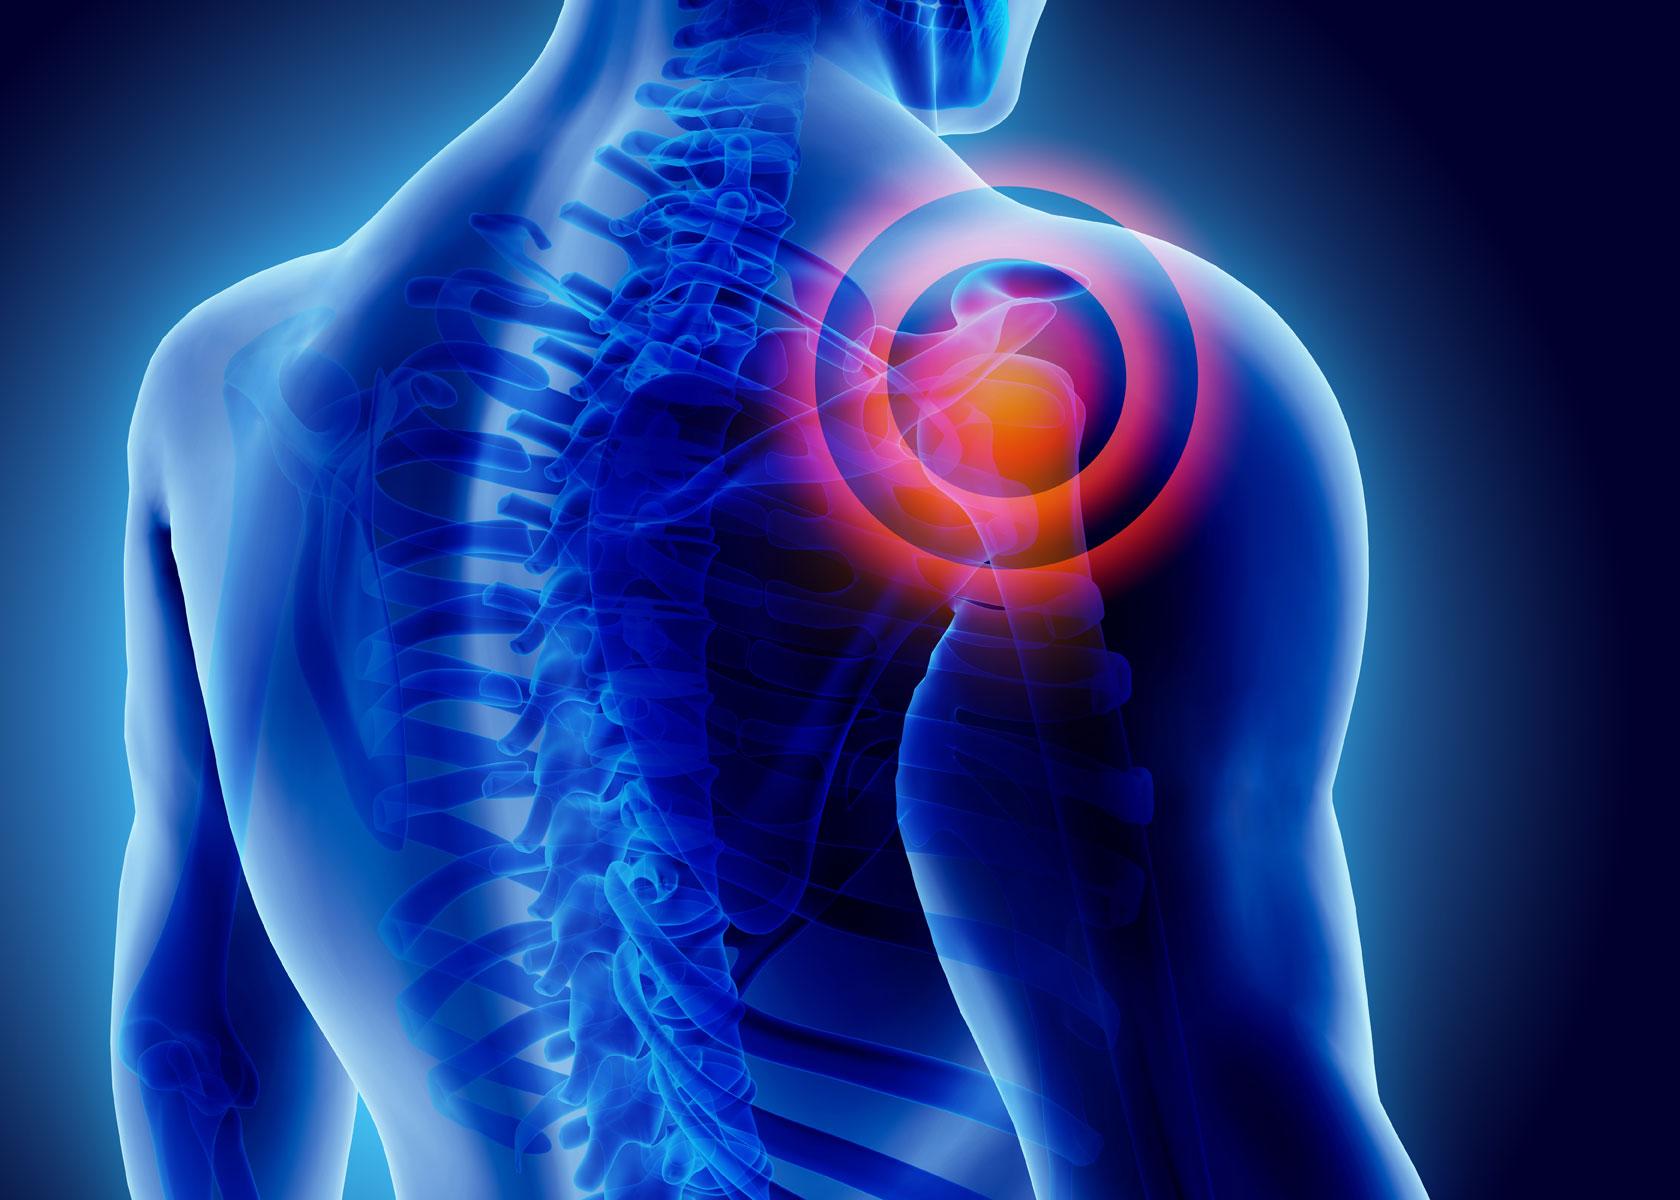 Schulterschmerzen beeinträchtigen die Lebensqualität